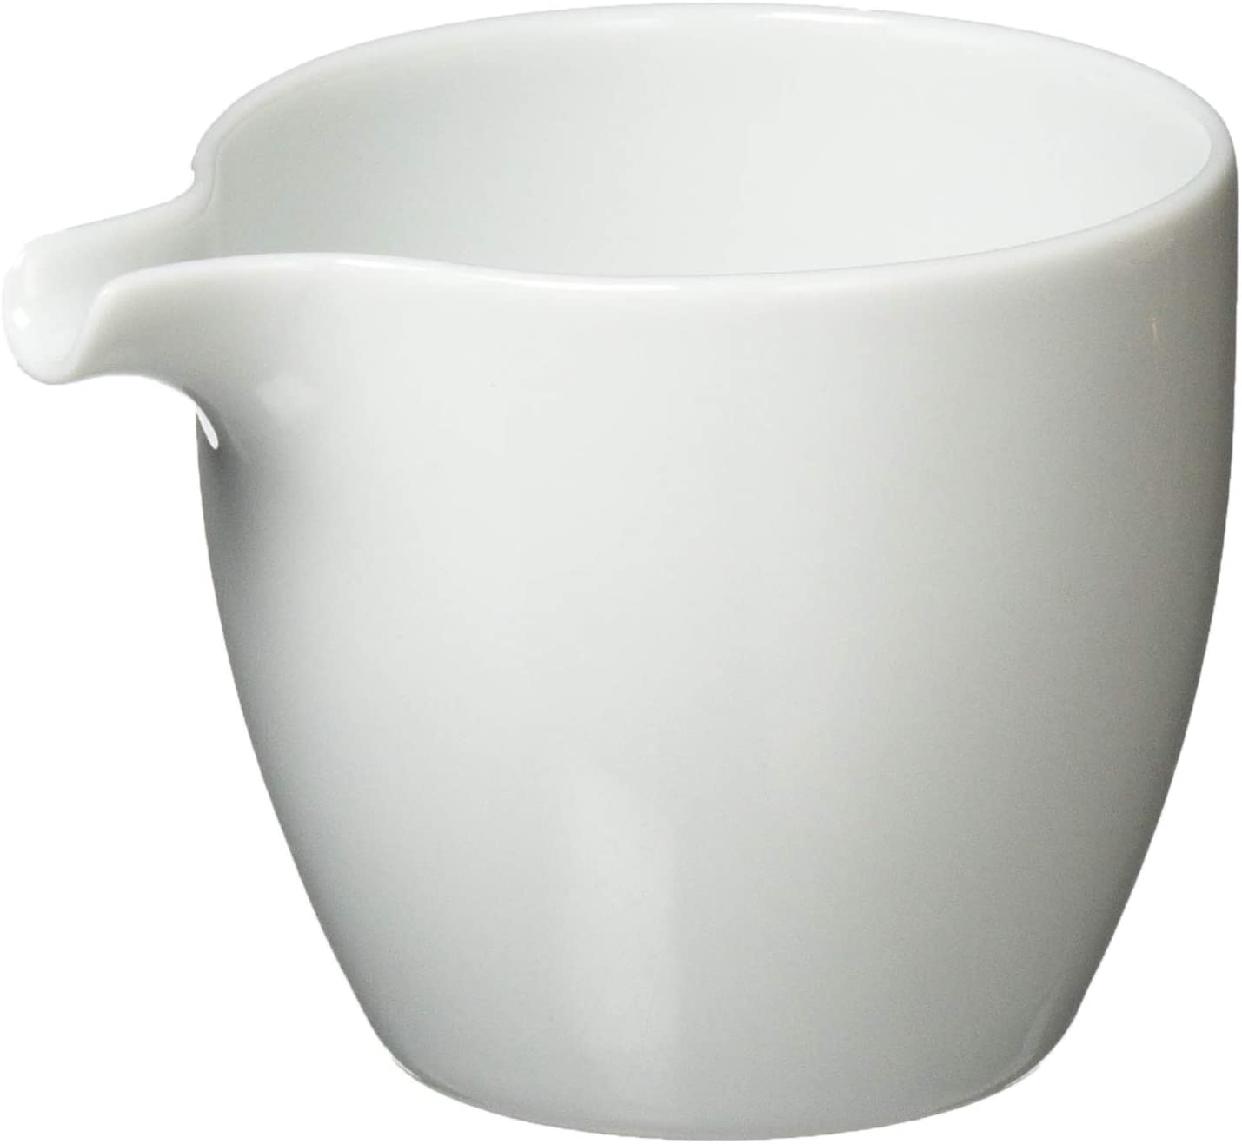 S-line(エスライン)クリーマー ホワイトの商品画像2